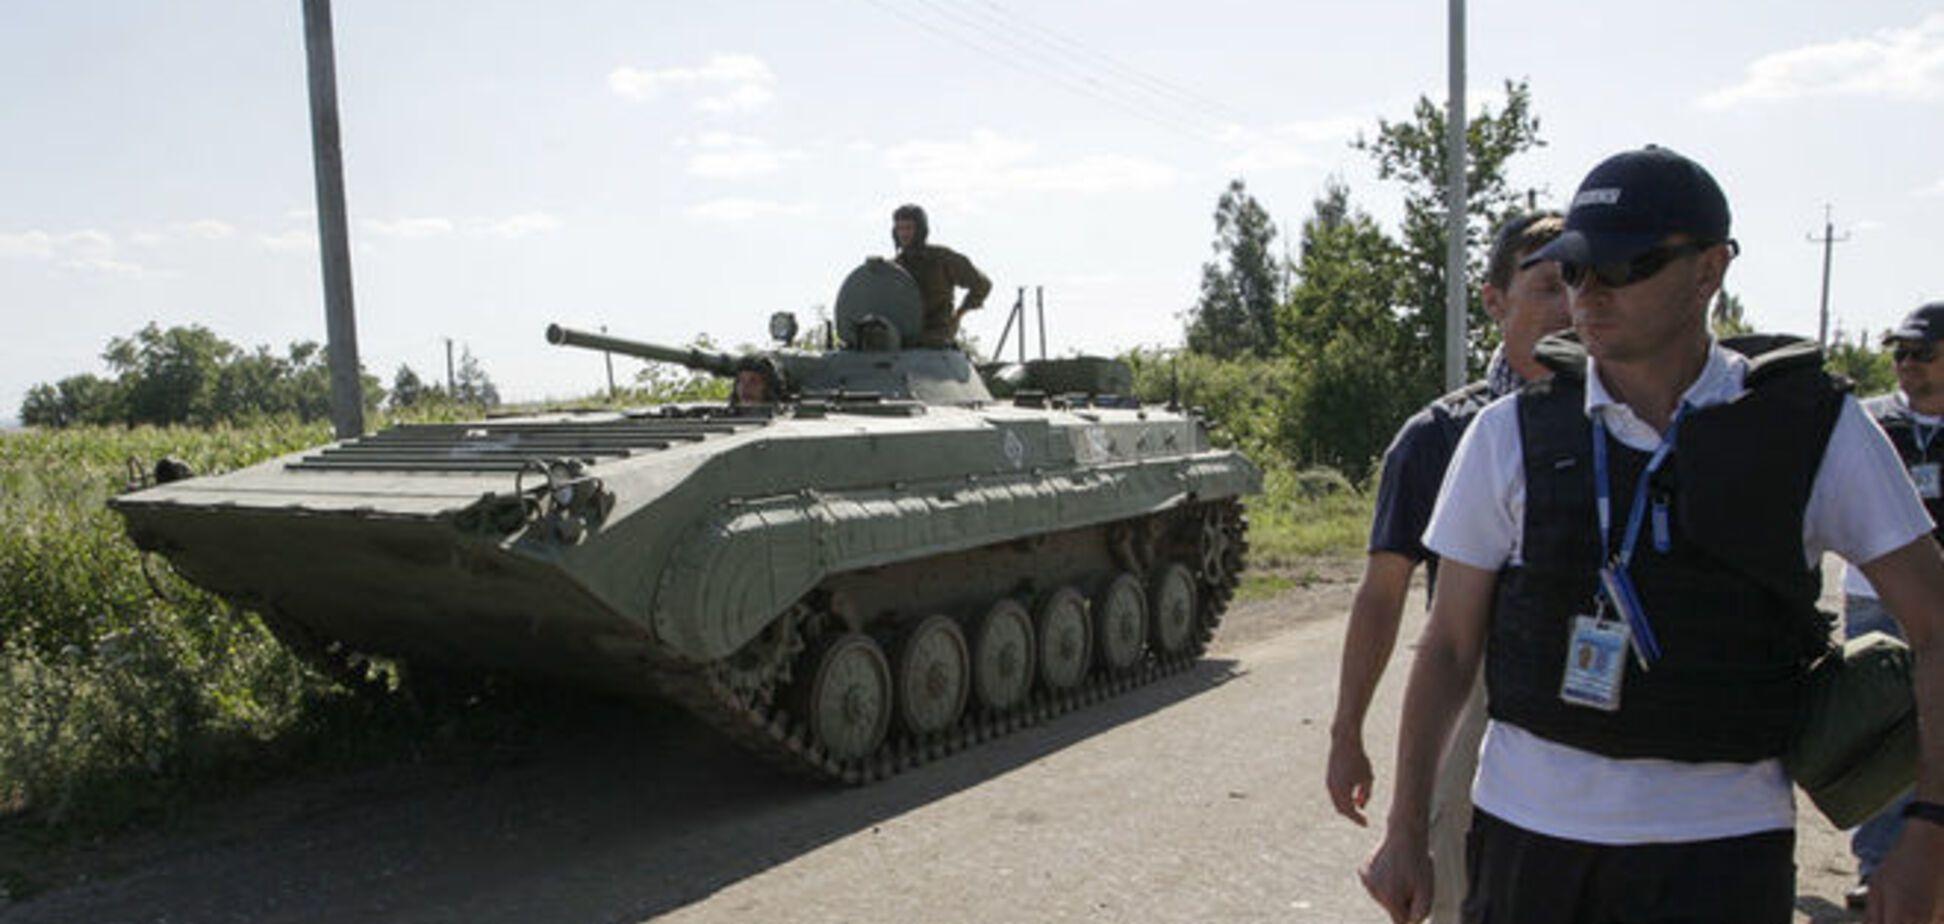 Нардеп від БПП пояснив, чому конфлікт на Донбасі не 'заморожується'